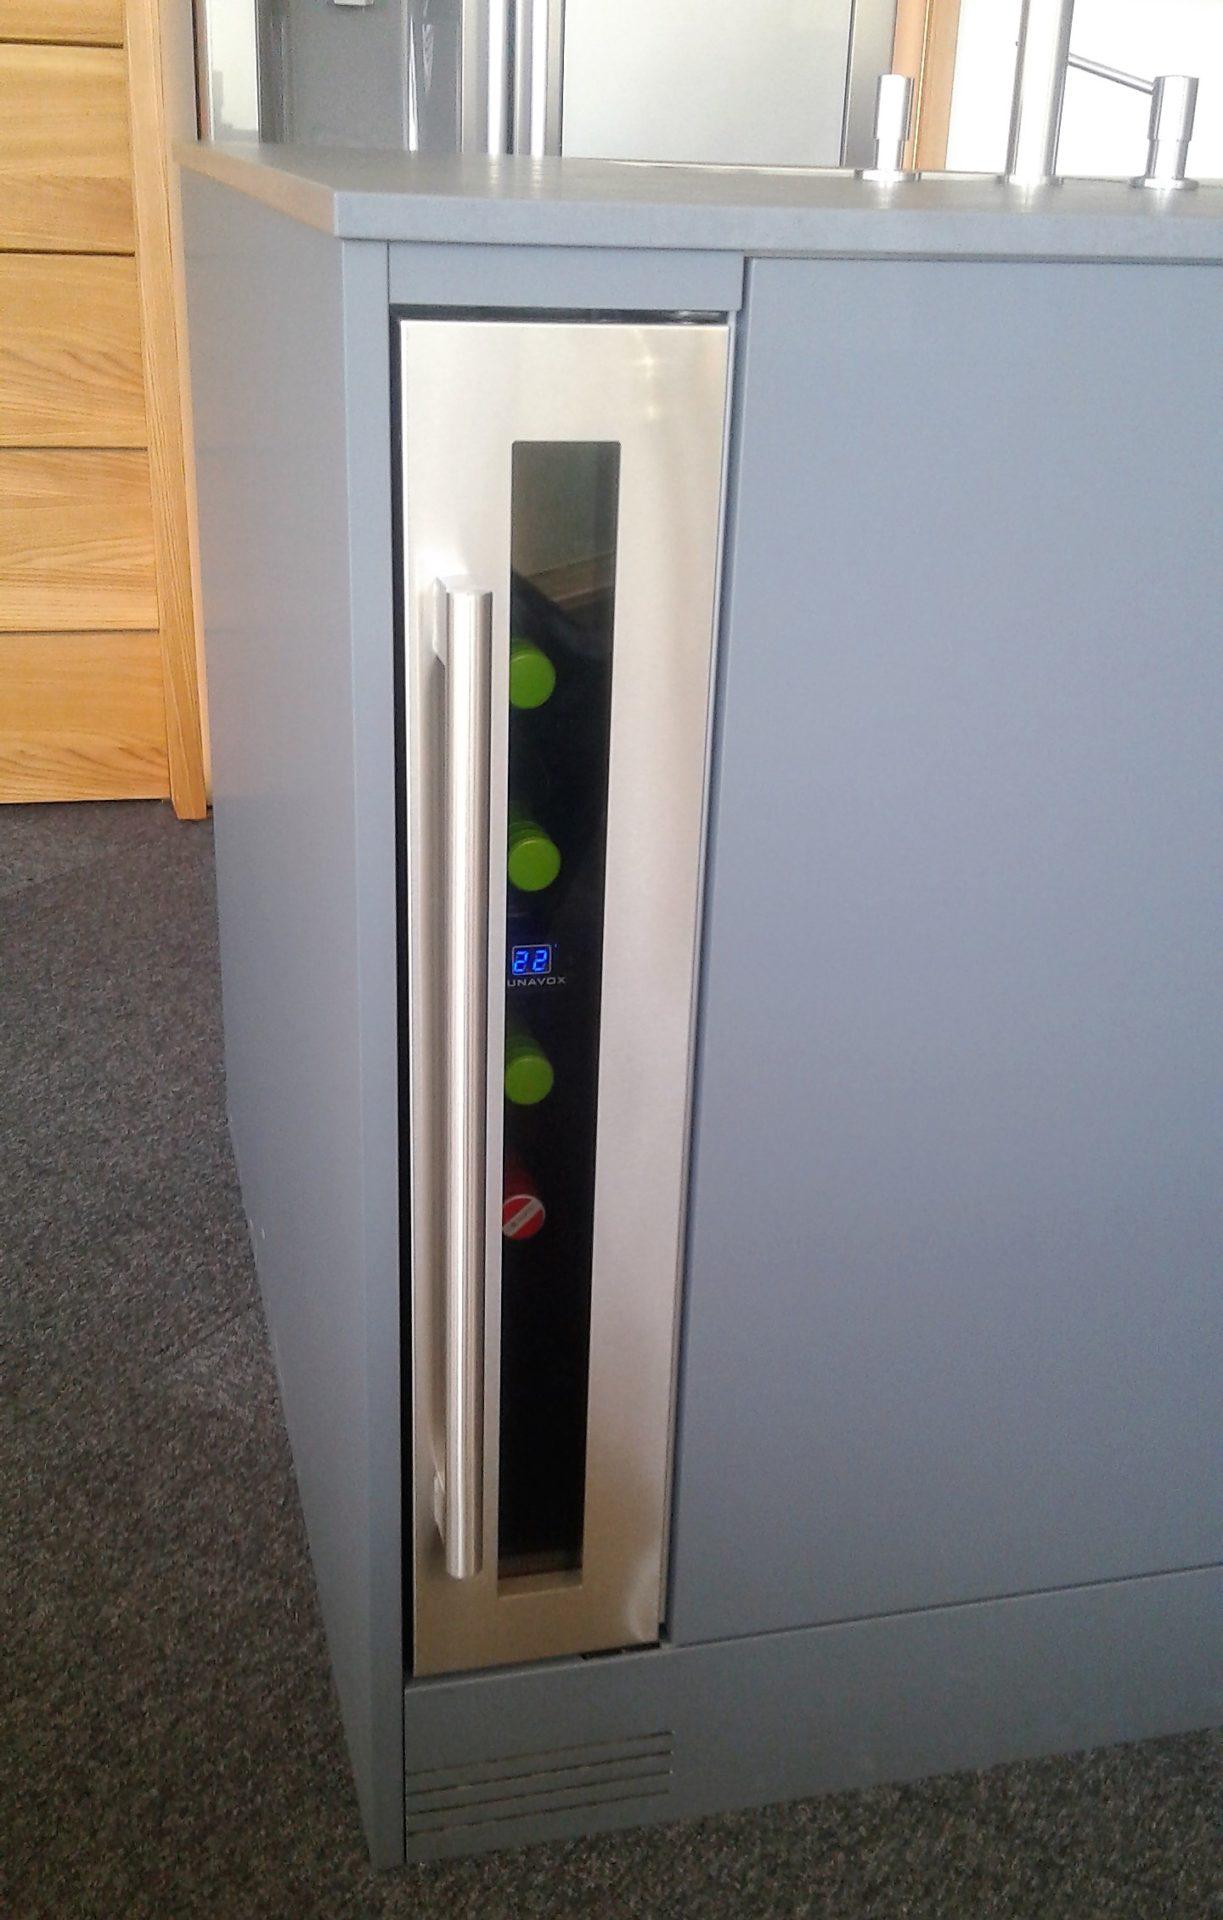 integrierter Weinkühlschrank von Dunavox